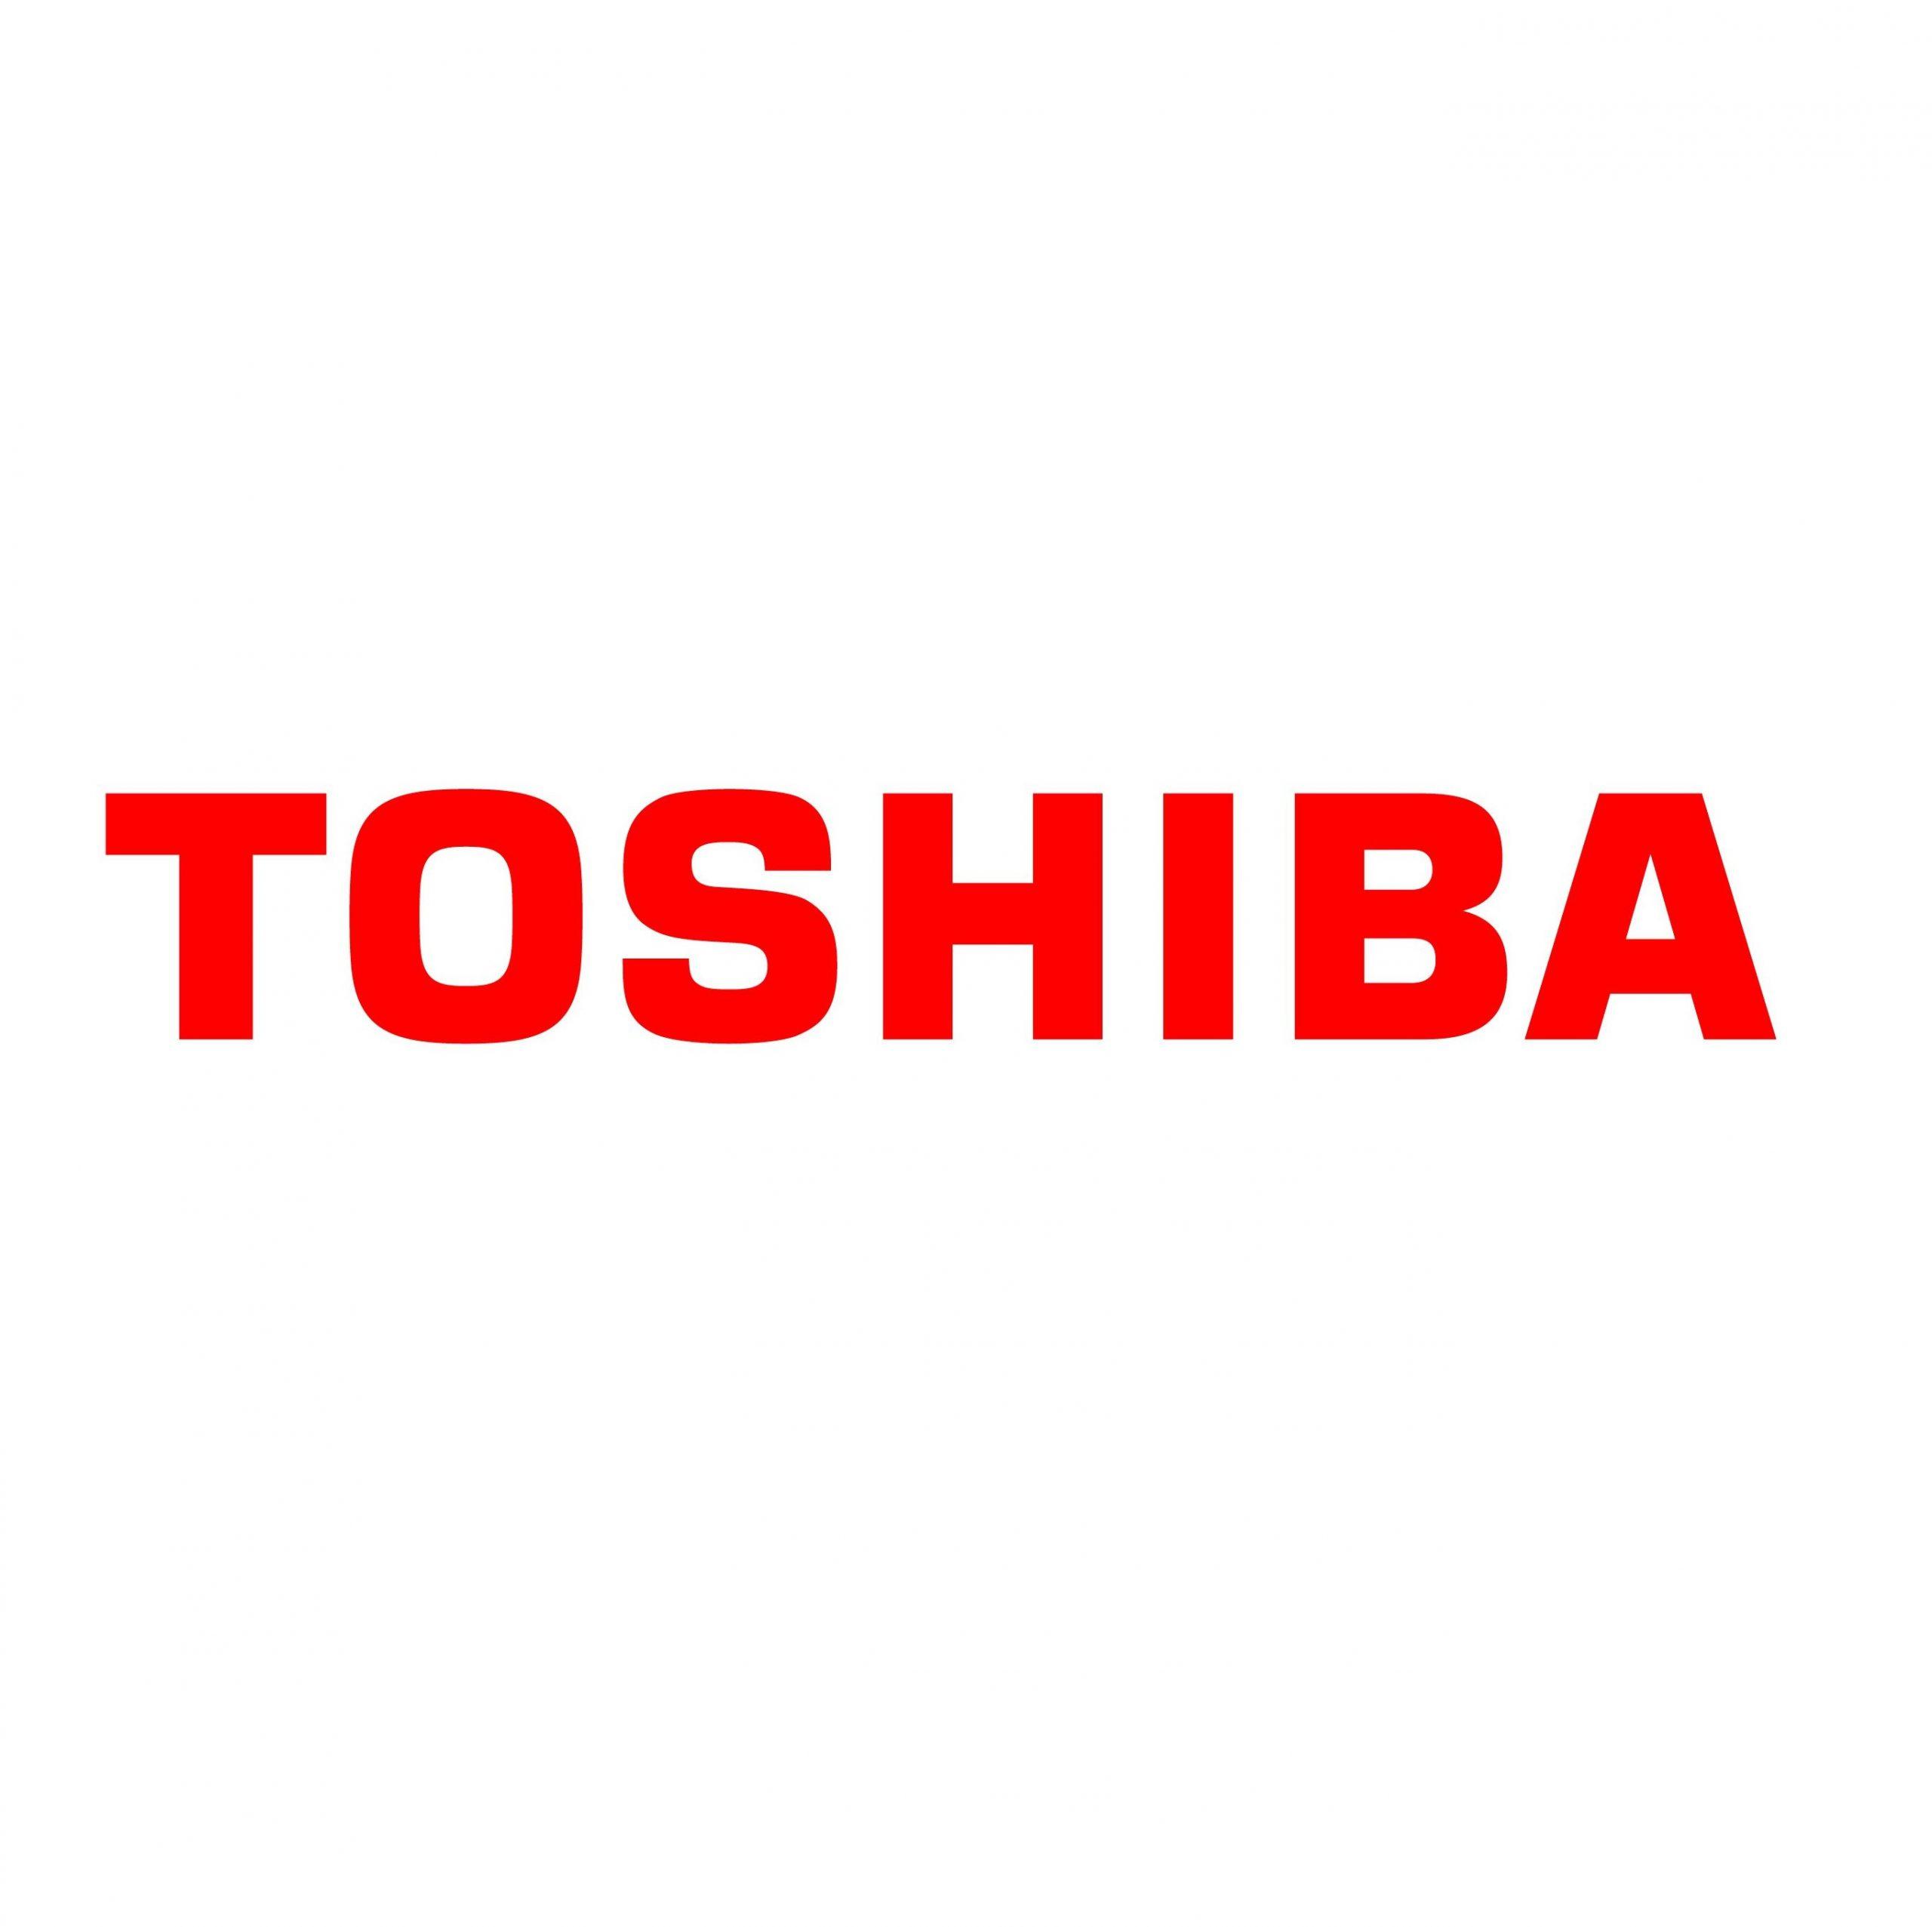 TOSHIBA 1 scaled